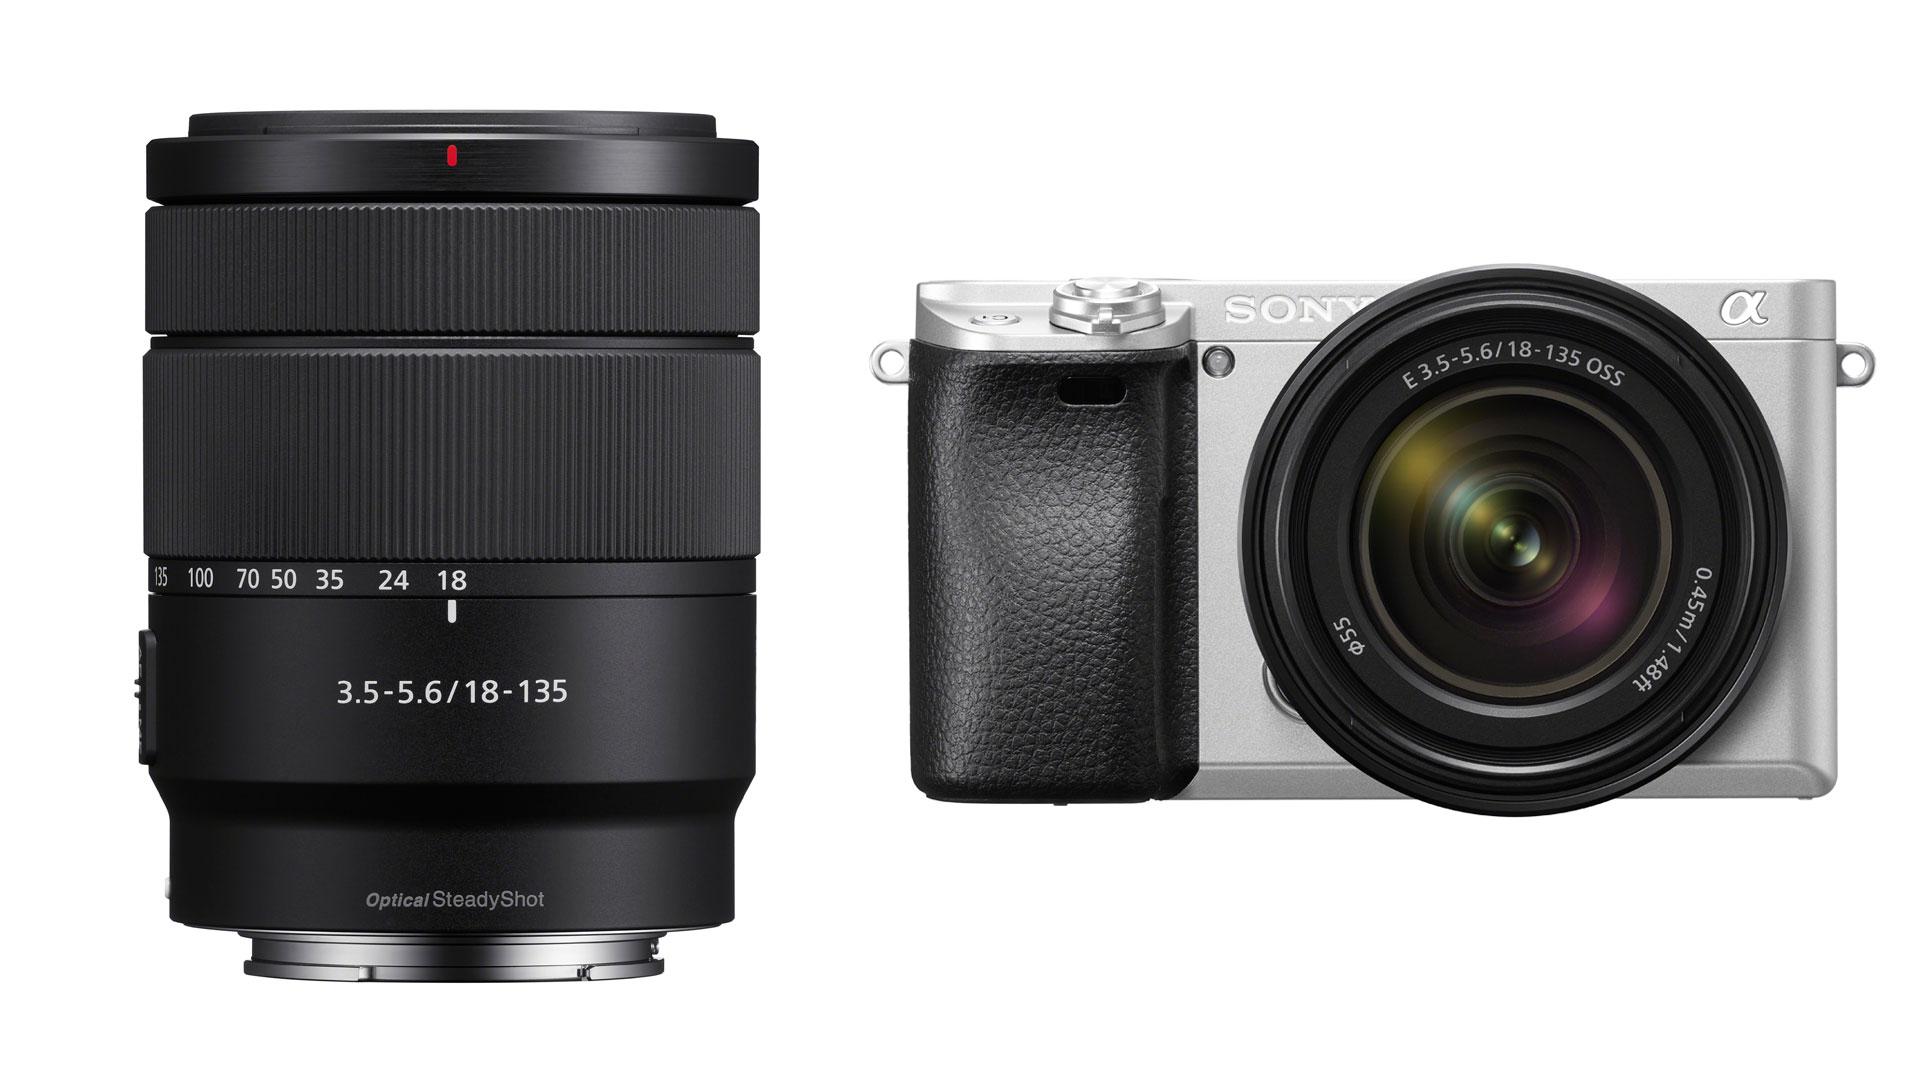 ソニーが18-135mm F3.5-5.6 APS-Cレンズを発表